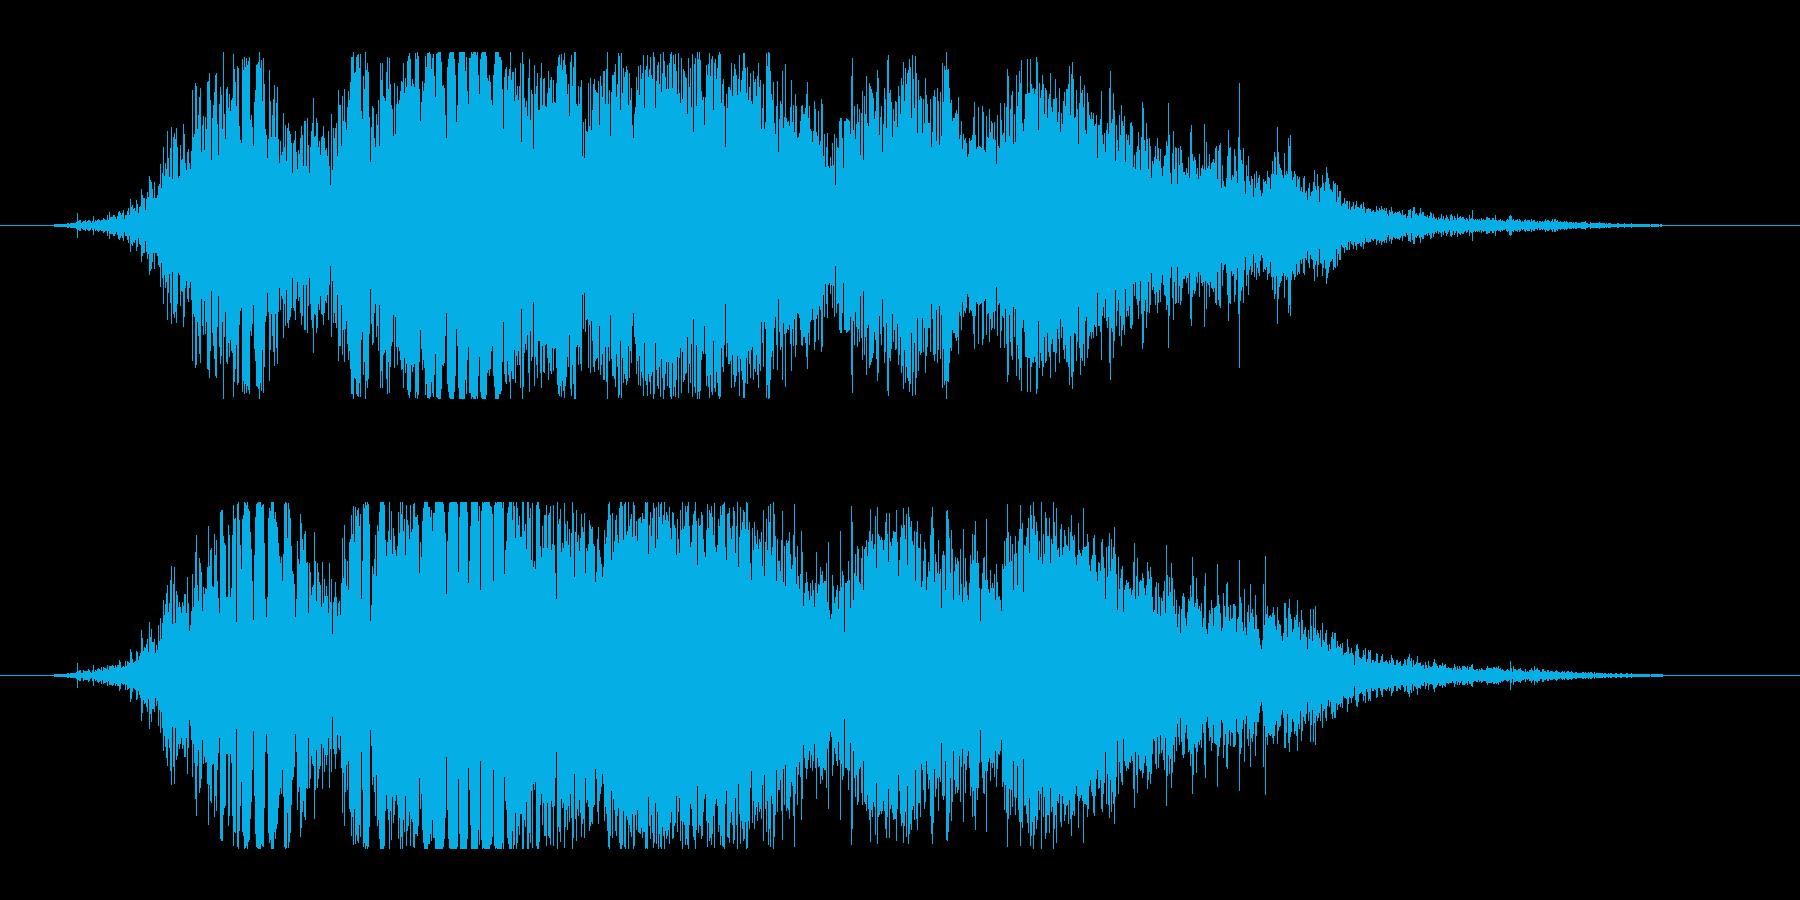 斬撃音(刀や剣で斬る/刺す効果音)11の再生済みの波形